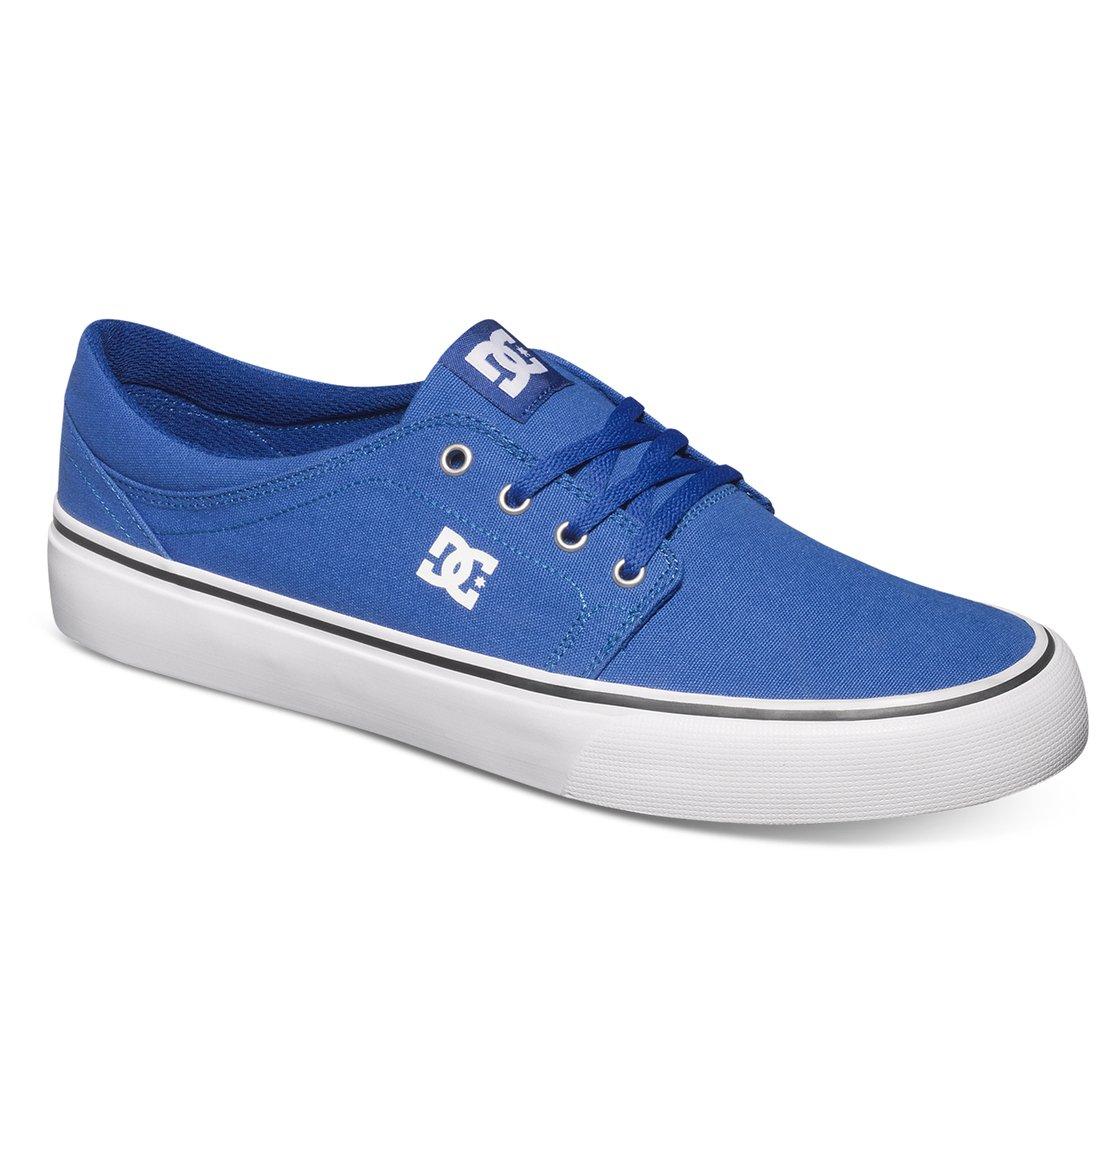 Original item dc shoes trase tx se low top shoes adys300123